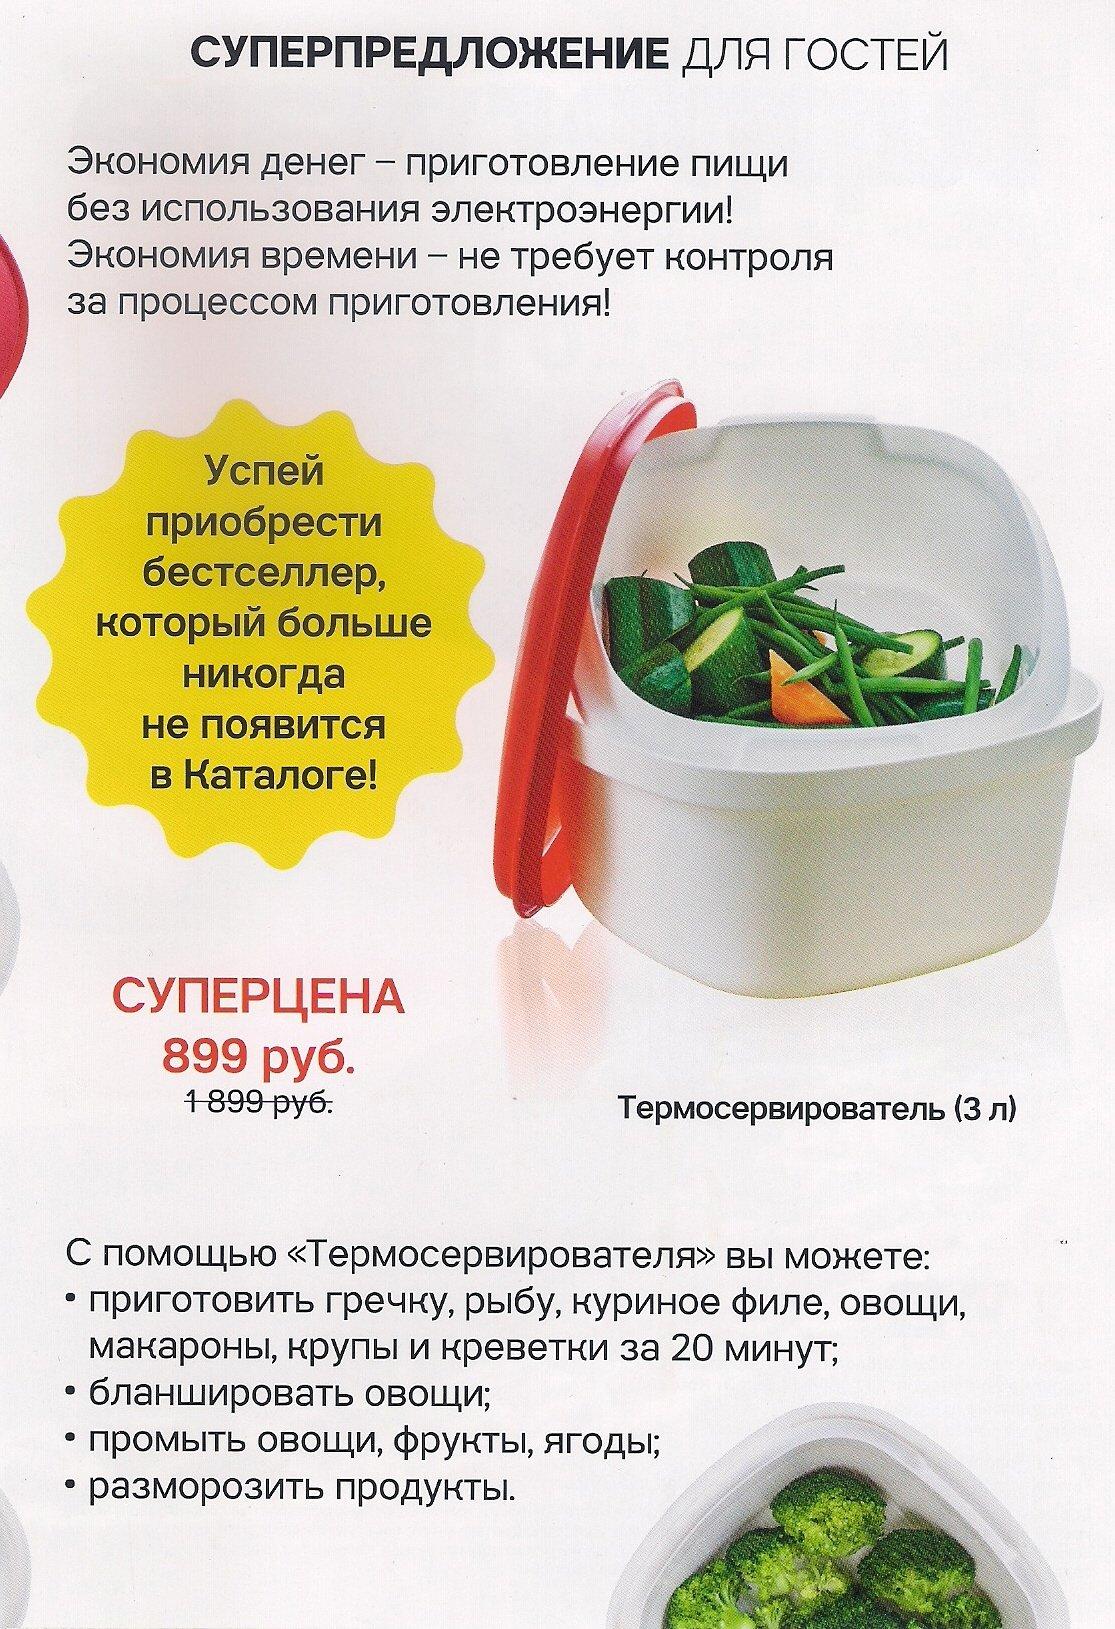 http://tupperware-online.ru/images/upload/s13.jpg